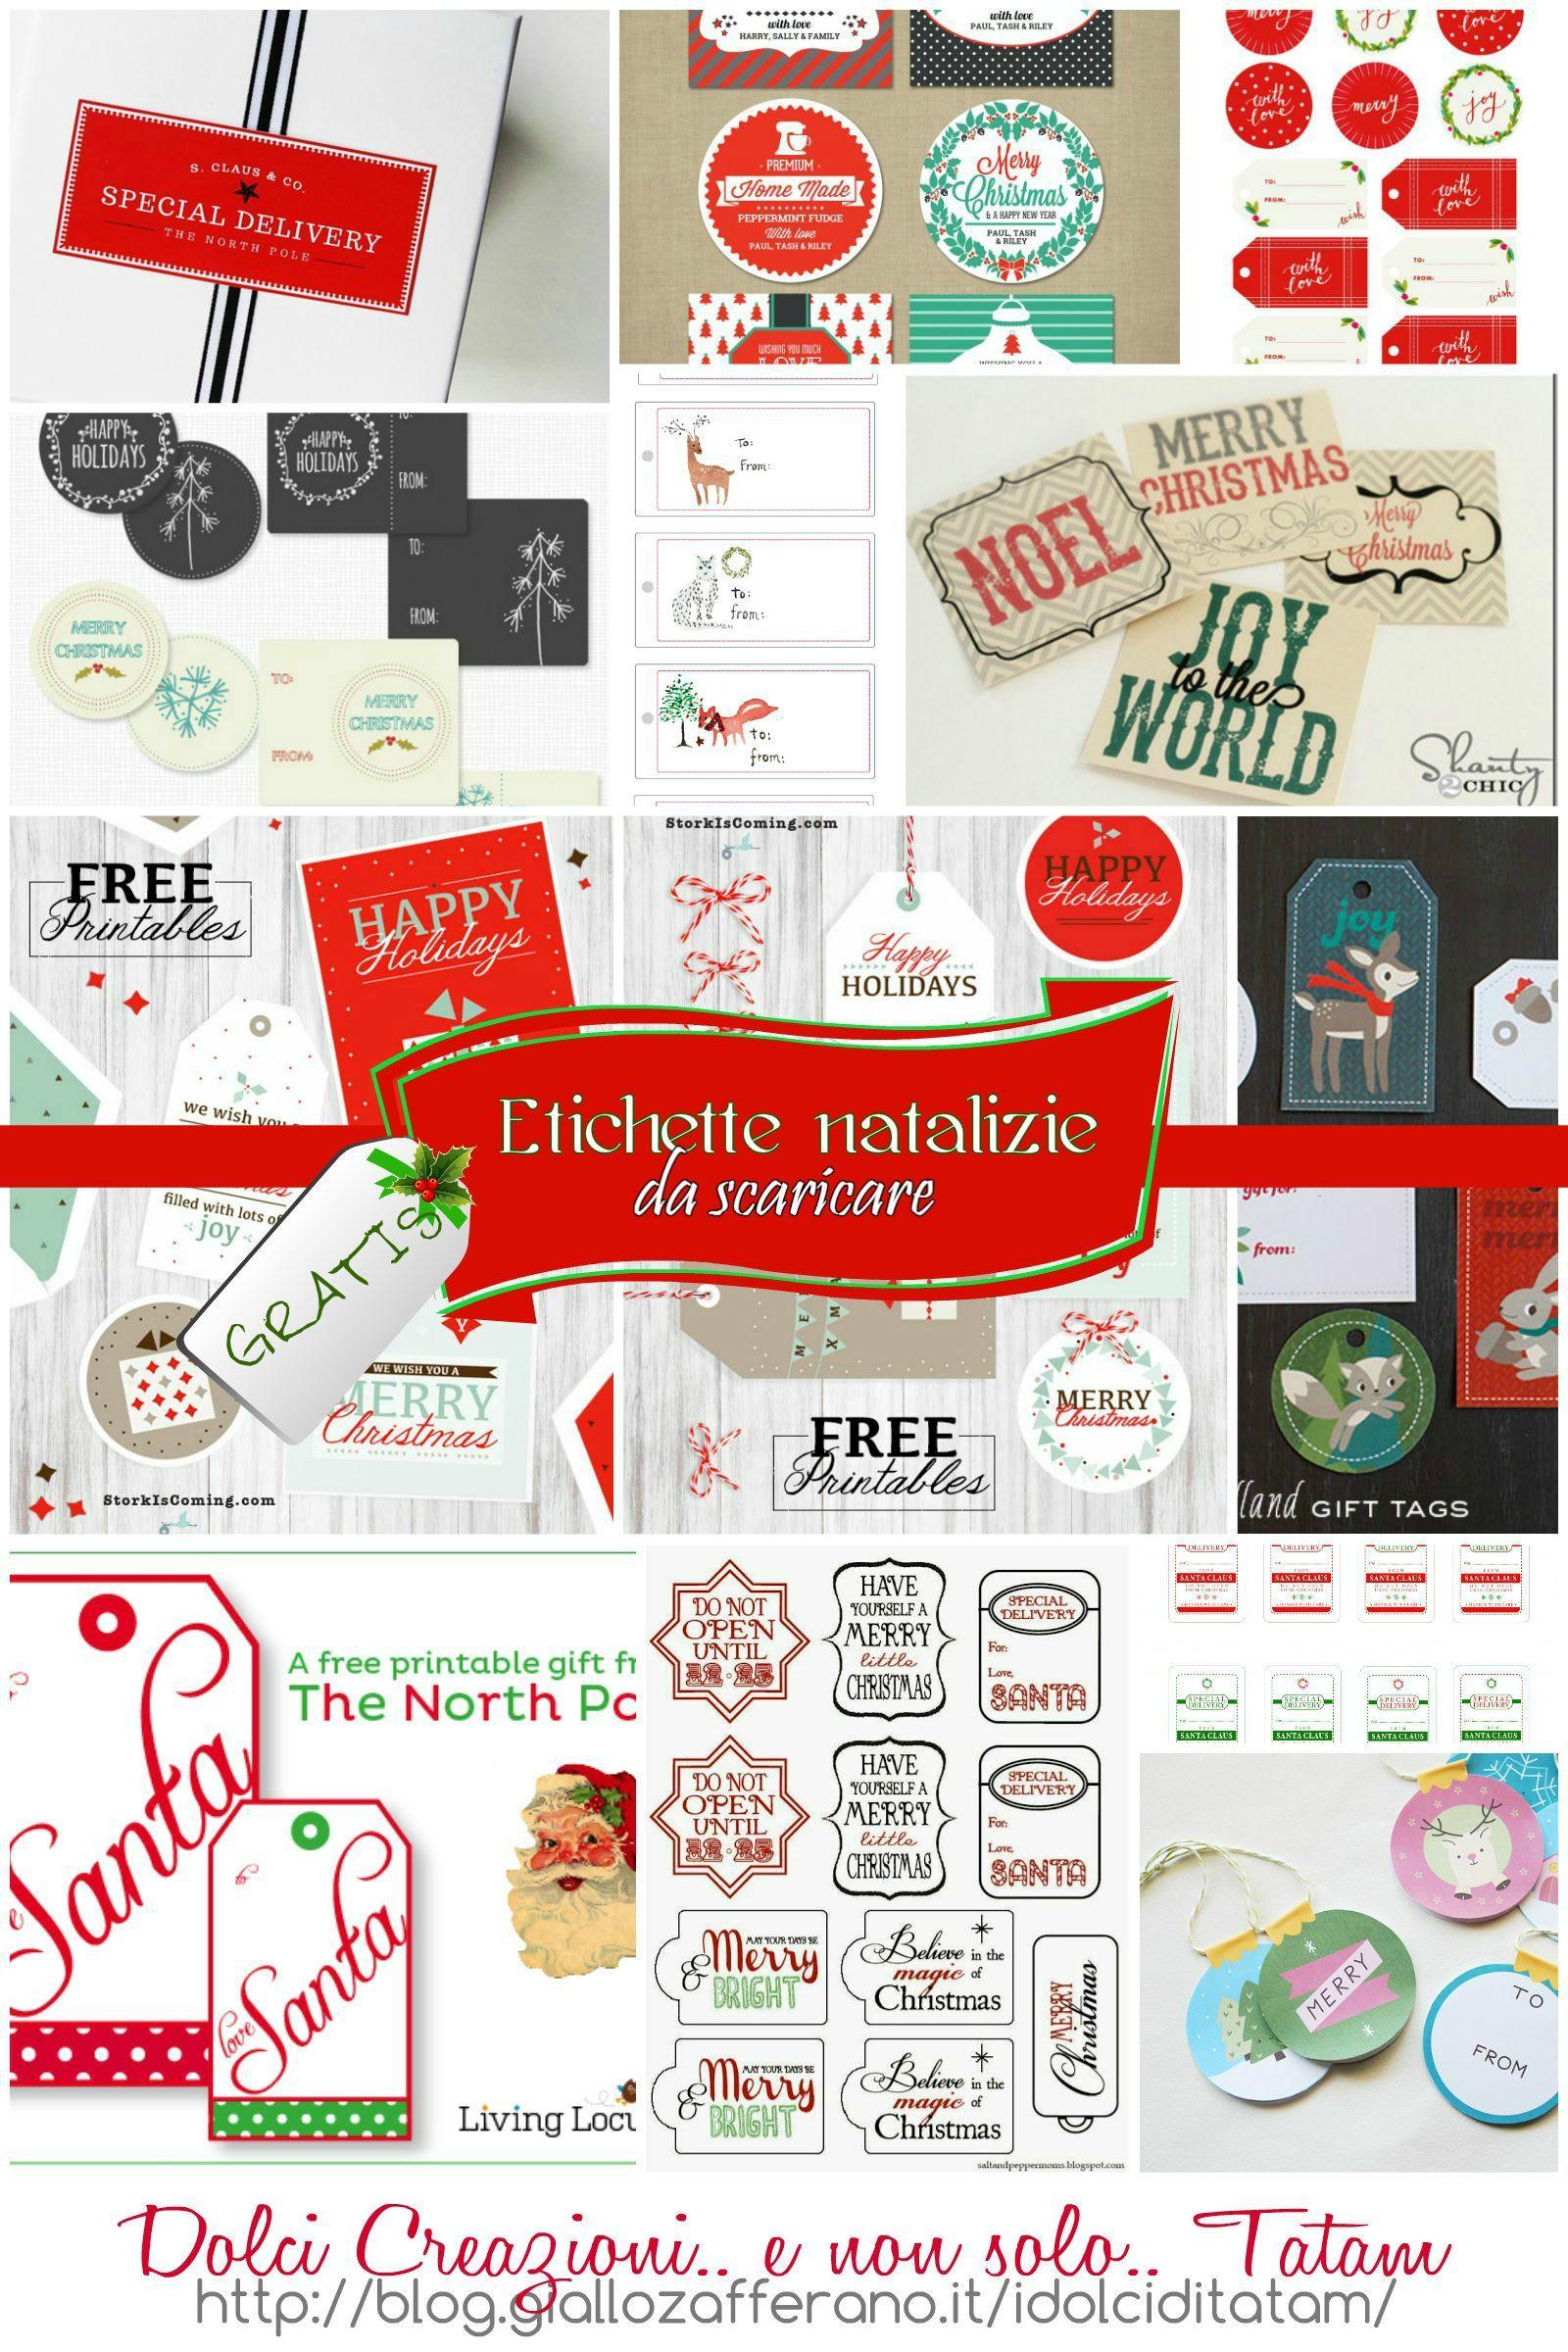 Etichette Natalizie Da Stampare etichette natalizie da stampare gratis, per pacchi regalo